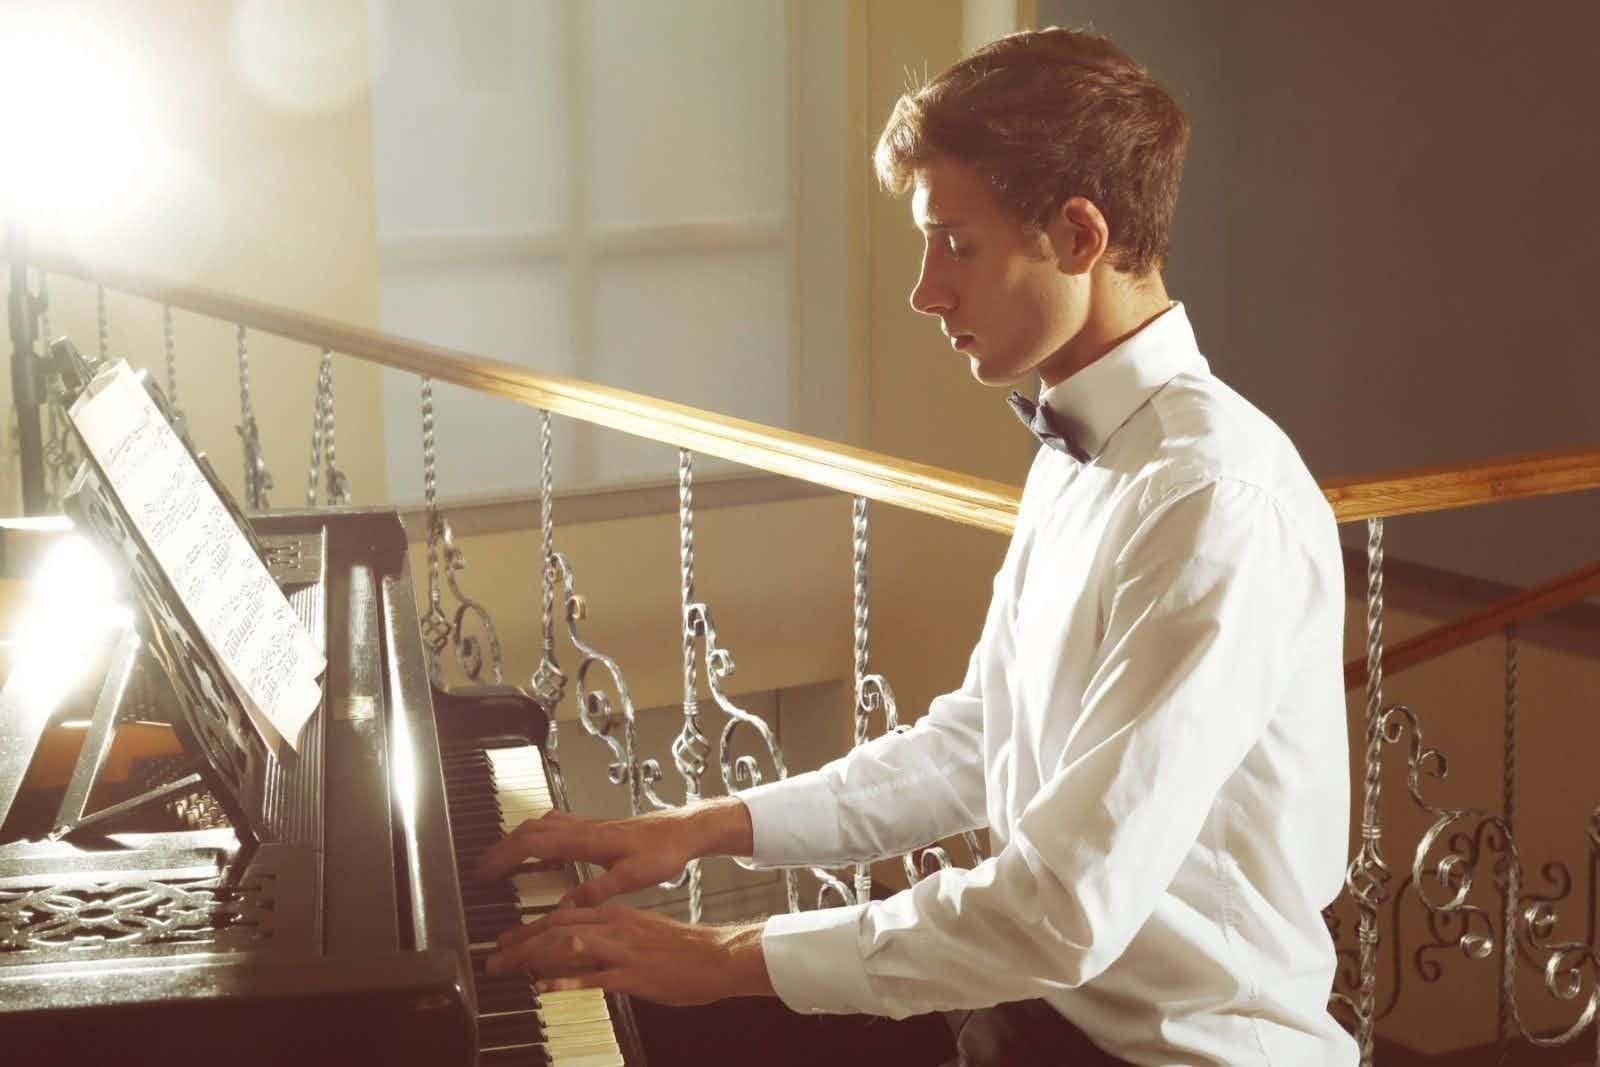 piano-speler-bedrijfsuitje_0_0